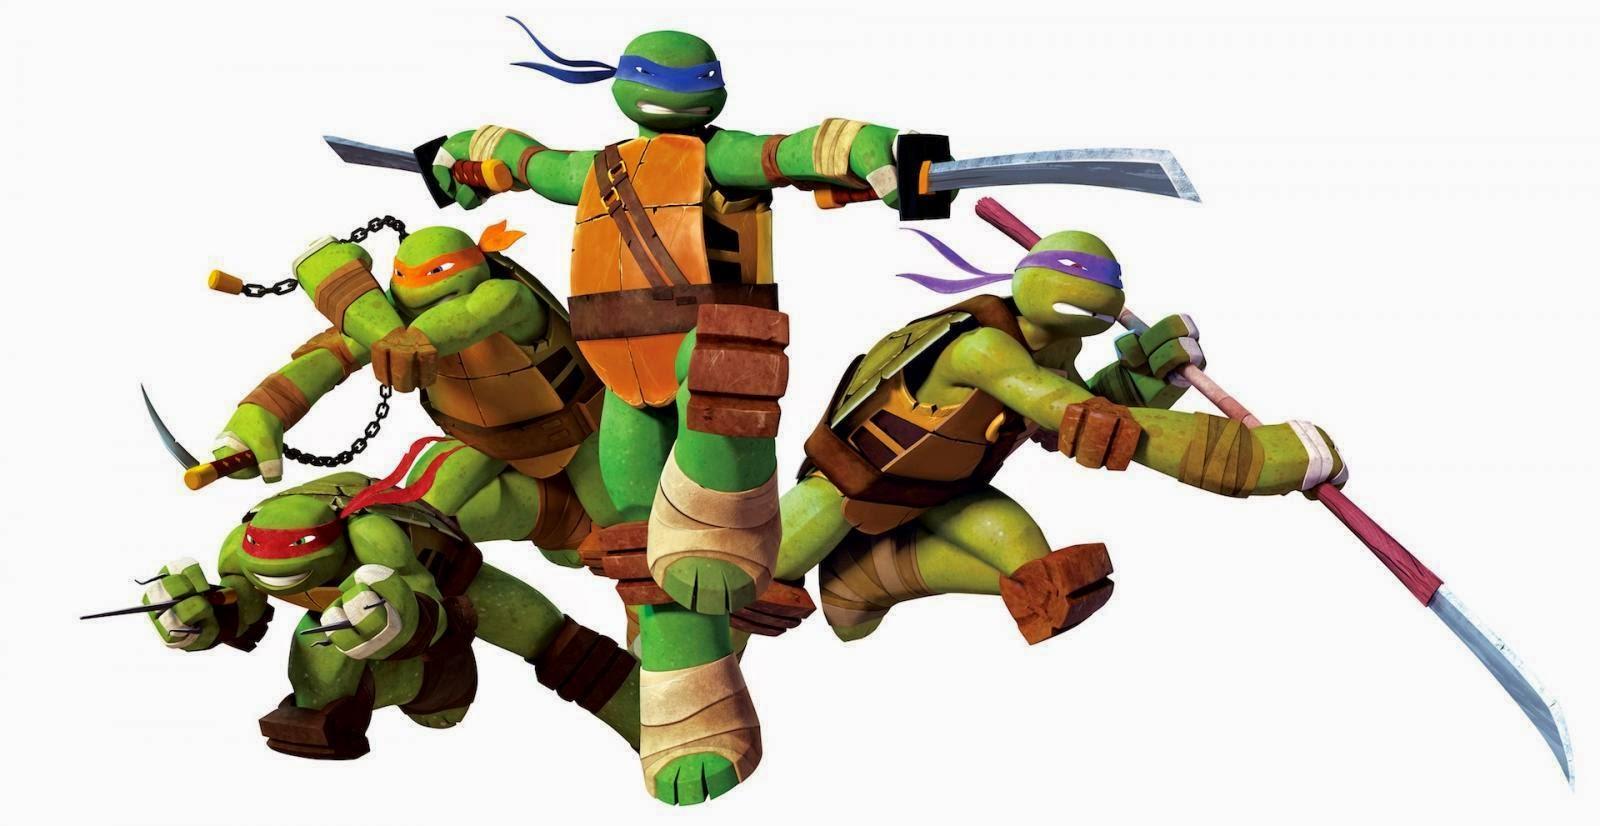 Movie Review: Teenage Mutant Ninja Turtles (2014) ~ GOLLUMPUS